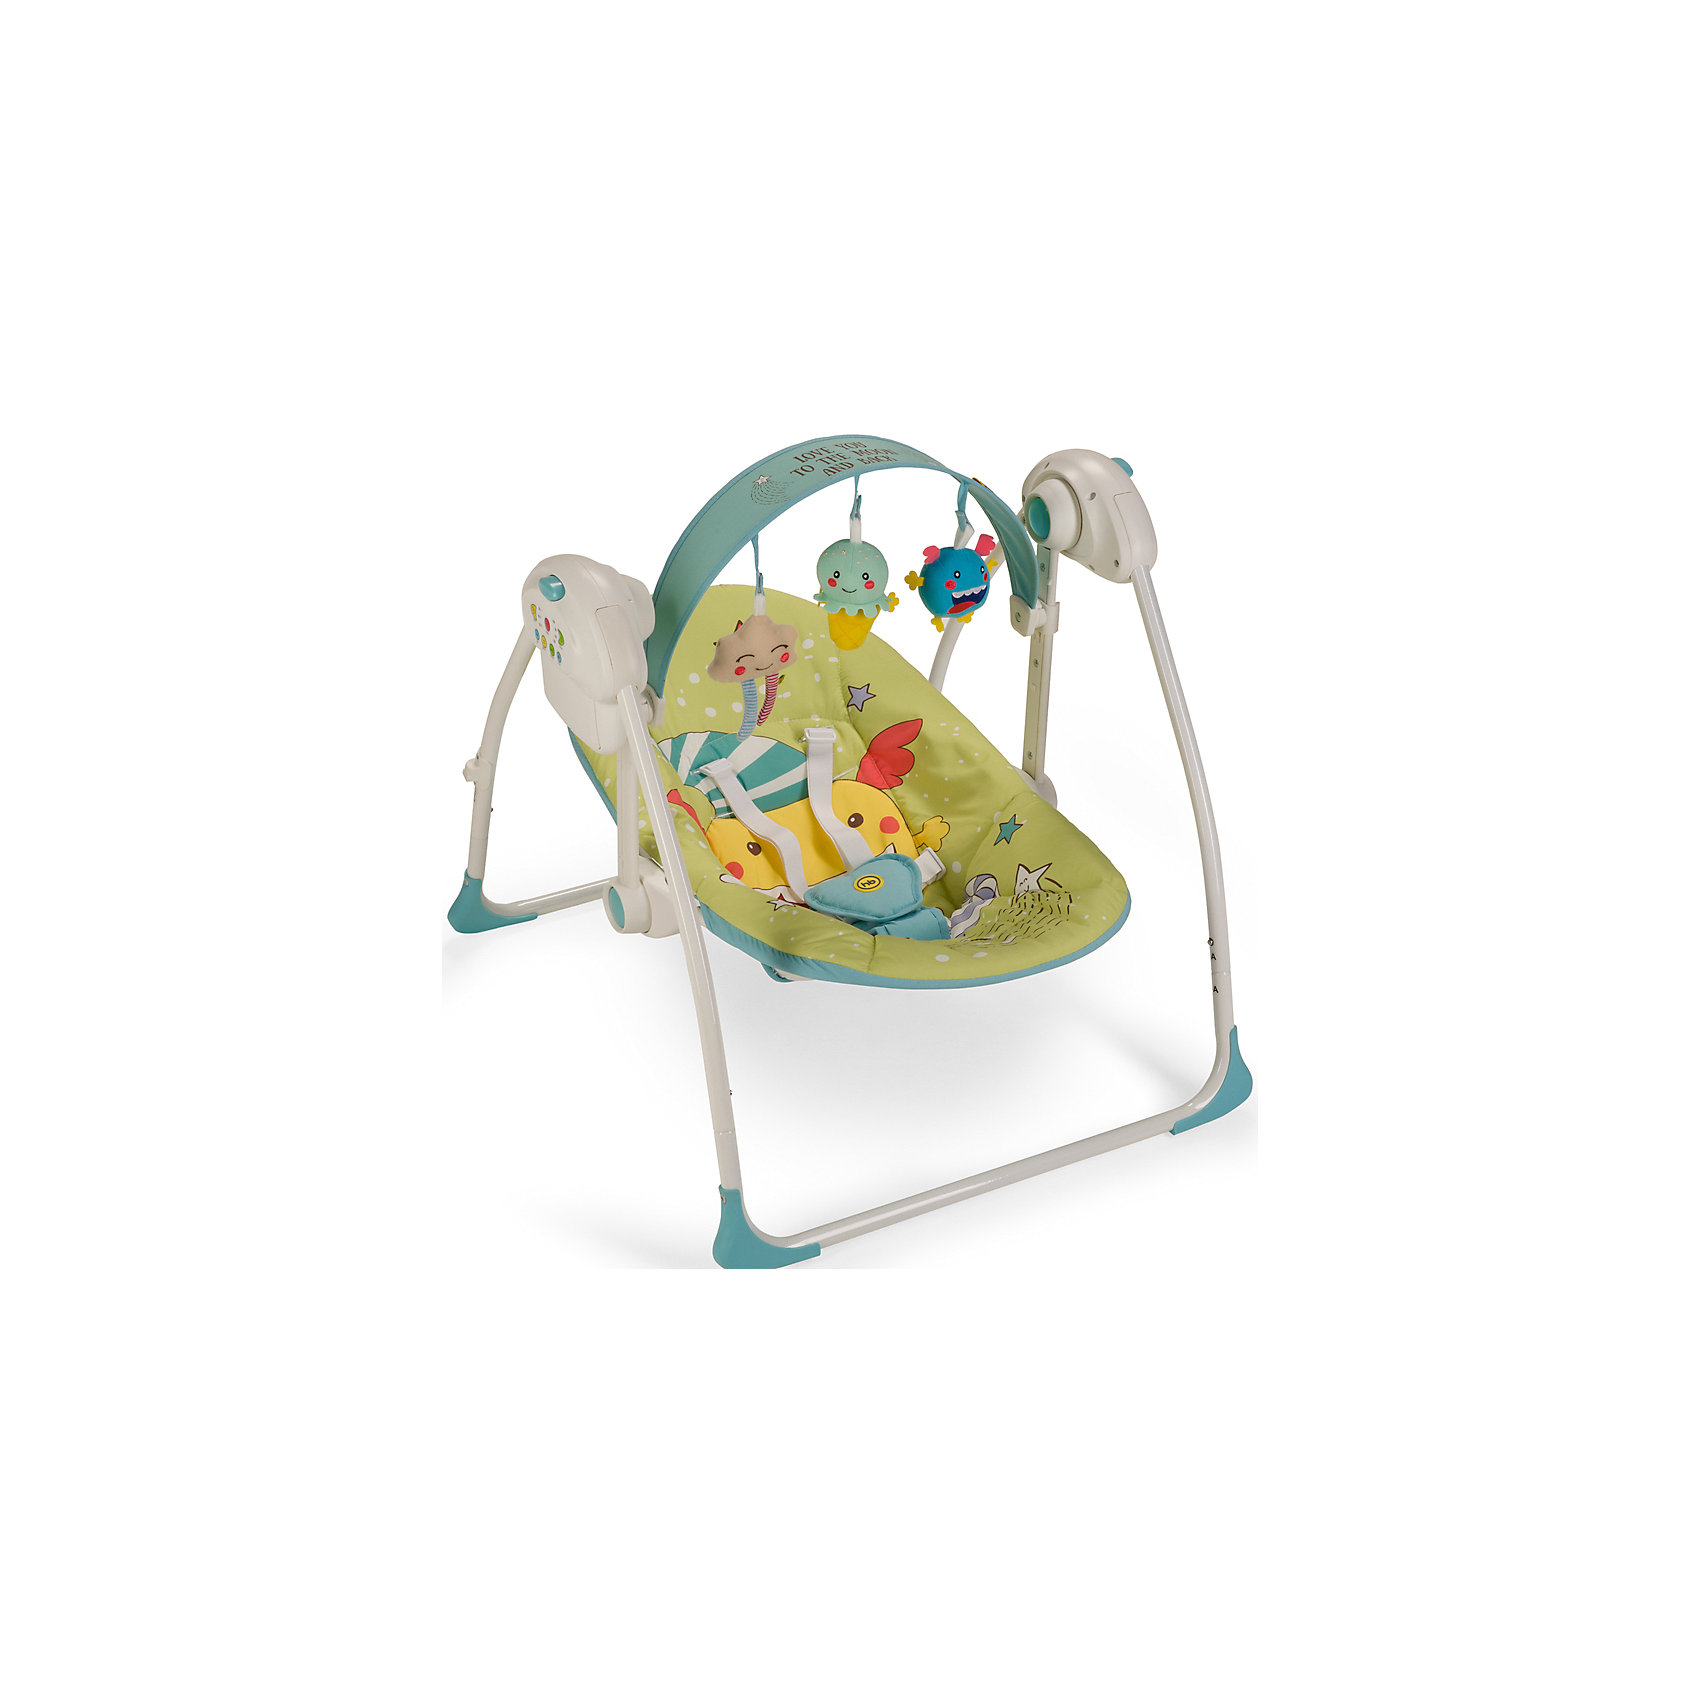 Электрокачели Jolly, Happy Baby, зеленыйКачели электронные<br>Электрокачели Jolly, Happy Baby, зеленый – это прекрасный вариант для комфортного отдыха, игр и сна вашего малыша.<br>Электрокачели Jolly из коллекции MONSTER, напоминающие малышу среду, в которой он находился до рождения, помогут крохе быстрее адаптироваться к внешнему миру, а также станут отличным помощником матери в уходе за ребенком. В электрокачелях Jolly малышу будет уютно, тепло, безопасно и весело. Пятиточечные ремни безопасности надежно зафиксируют ребенка. Наклон спинки регулируется в 2 положениях. Таймер на 10, 20 и 30 минут даст маме время заниматься домашними делами, пока ваш ребенок качается на качелях. Три скорости укачивания позволят подобрать оптимальный вариант в зависимости от того, спит малыш или бодрствует. Восемь мелодий с возможностью регулировки громкости и съемная регулируемая дуга с игрушками не дадут ребенку скучать. Качели работают от батареек или от сети через адаптер.<br><br>Дополнительная информация:<br><br>- Возраст: 0+<br>- Максимальный вес ребенка: 9кг.<br>- Цвет: зеленый<br>- 5-точечные ремни безопасности<br>- Наклон кресла: 2 положения<br>- Съемная регулируемая по наклону и высоте дуга со съемными игрушками<br>- 3 скорости качания<br>- 8 мелодий с возможностью регулирования громкости<br>- Установка таймера со светодиодной подсветкой на 10, 20 и 30 минут<br>- Возможность работы от батареек (требуется 4 батарейки типа С) и от адаптера<br>- Легко складываются<br>- Материал: каркас - пластик, металл; тканые материалы - 100% полиэстер<br>- Размер в разложенном виде: 68х64х57 см.<br>- Размер в сложенном виде: 26х64х63 см.<br>- Вес в упаковке:4,7 кг.<br><br>Электрокачели Jolly, Happy Baby, зеленые можно купить в нашем интернет-магазине.<br><br>Ширина мм: 140<br>Глубина мм: 400<br>Высота мм: 620<br>Вес г: 4770<br>Цвет: зеленый<br>Возраст от месяцев: 0<br>Возраст до месяцев: 6<br>Пол: Унисекс<br>Возраст: Детский<br>SKU: 4914552